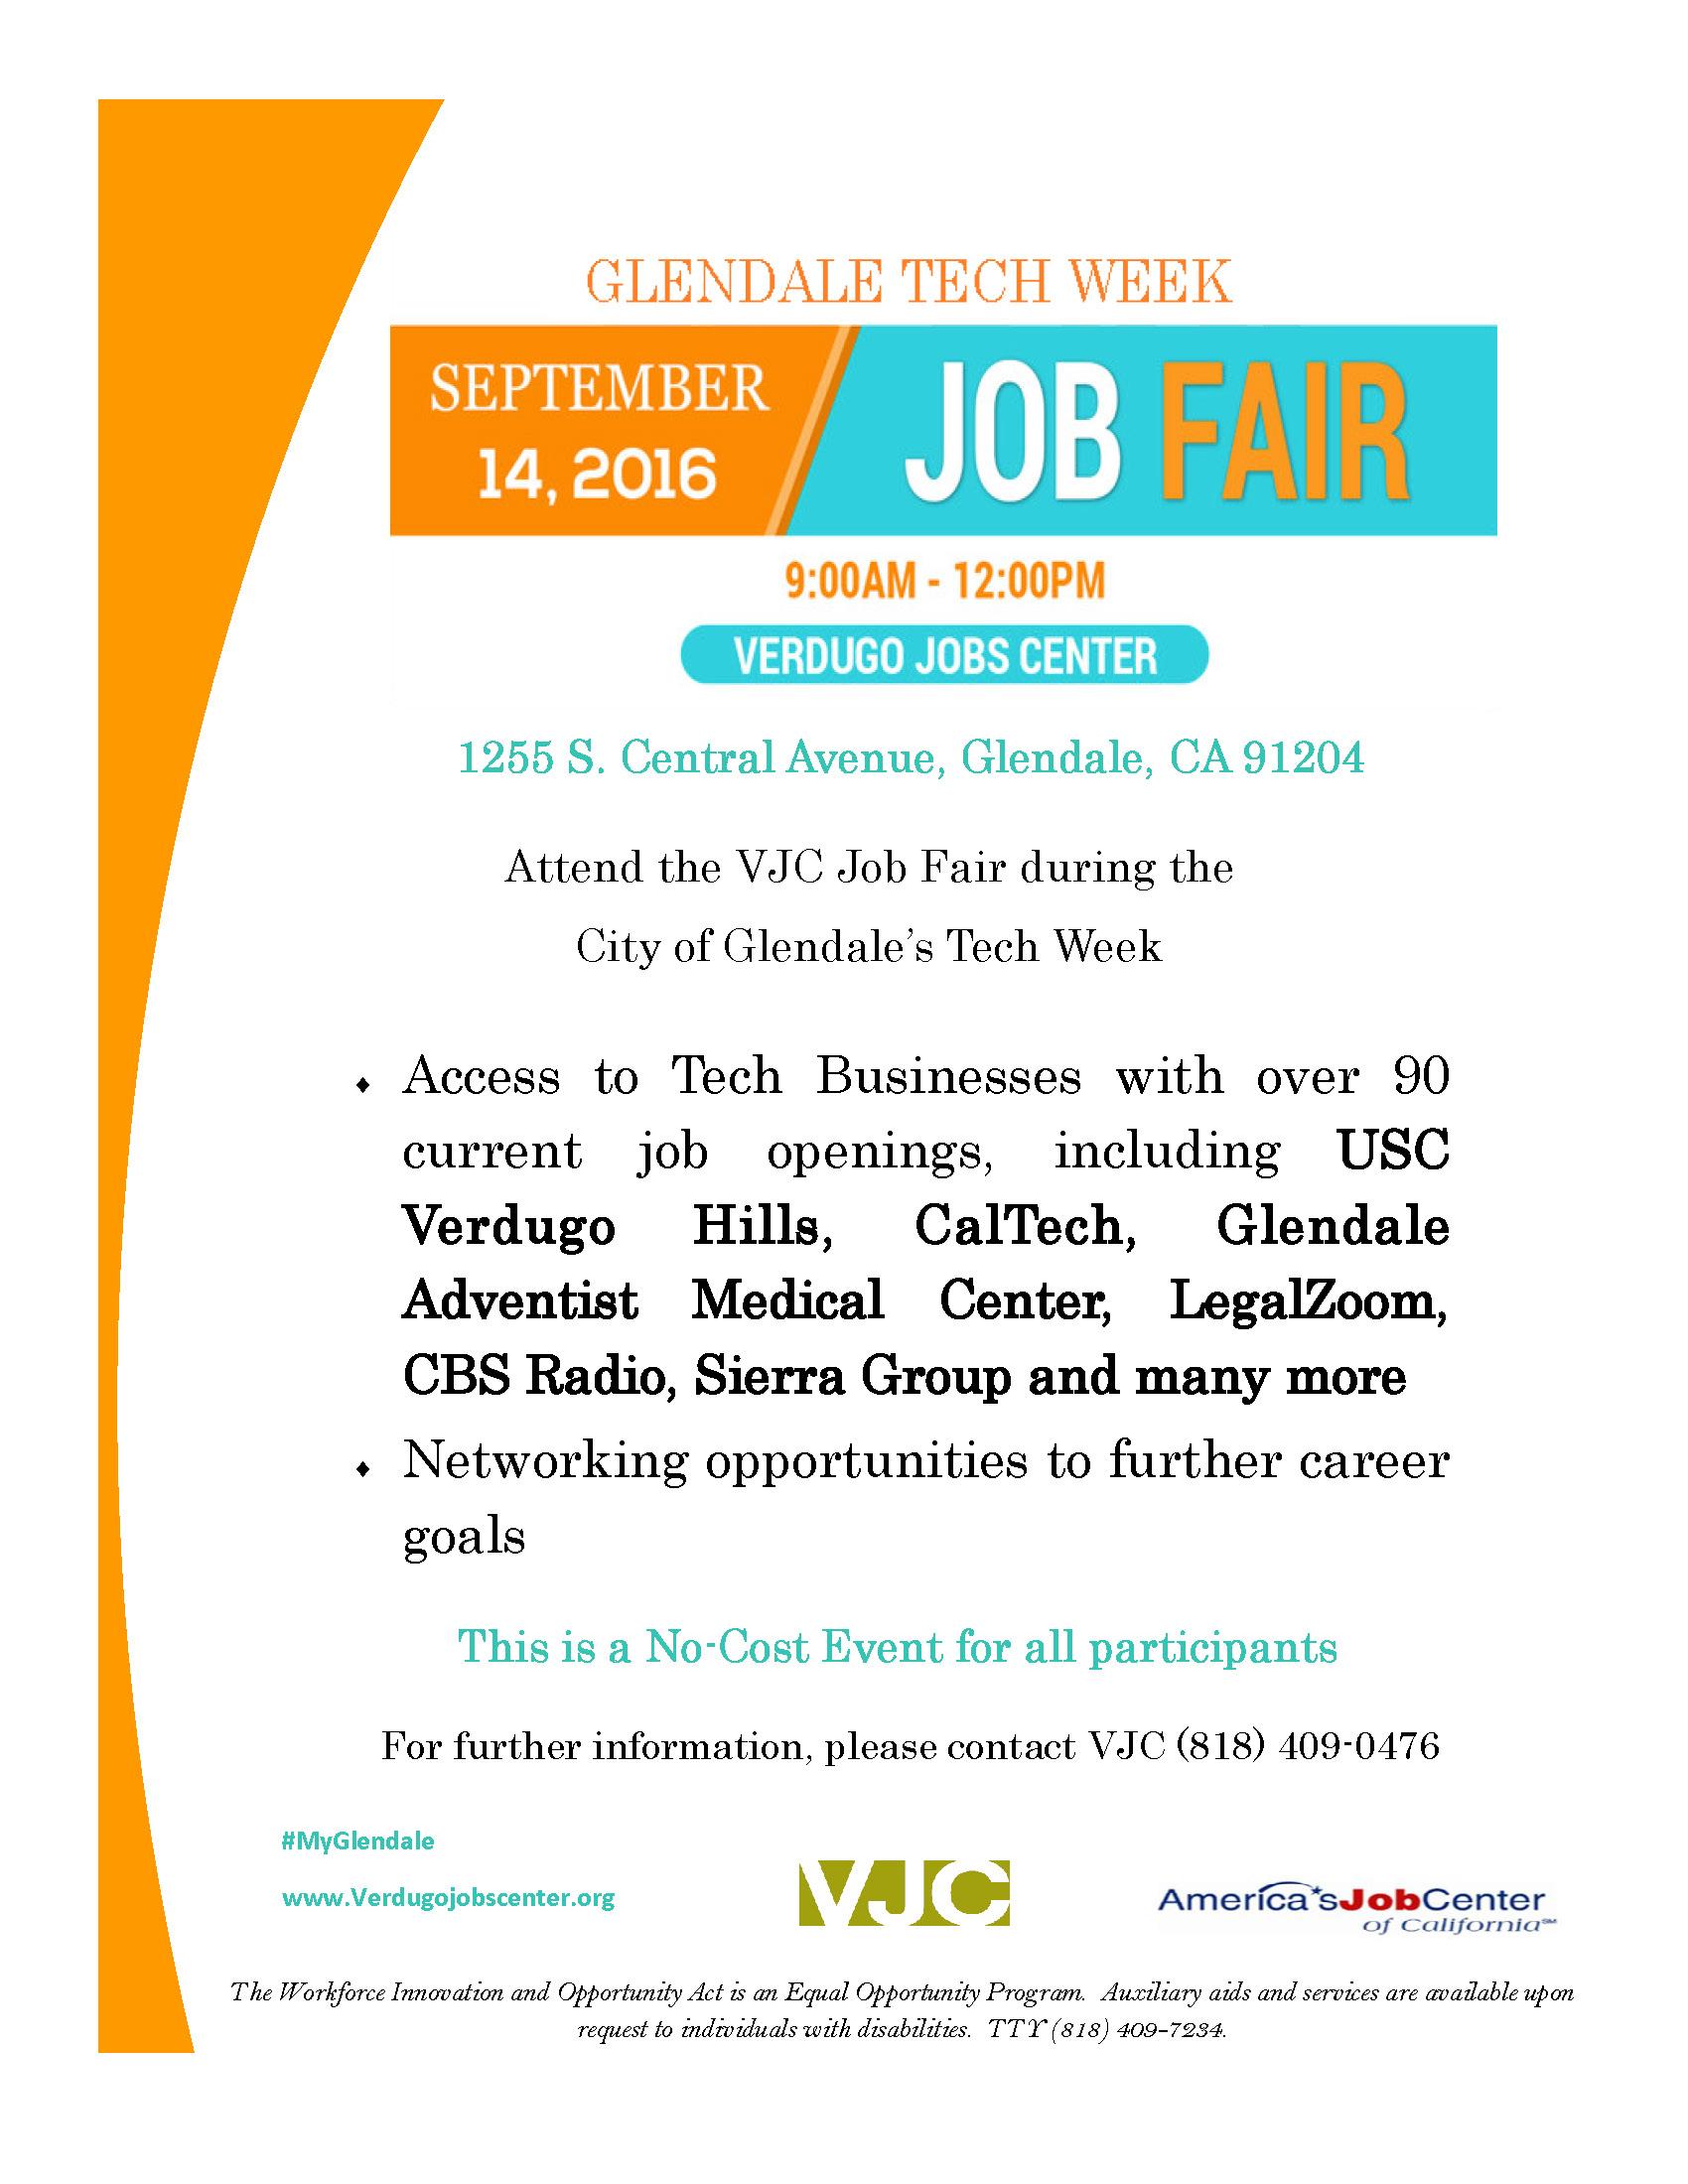 Job Fair Flyer_MY (2)_NA_MY_RS_NA.jpg